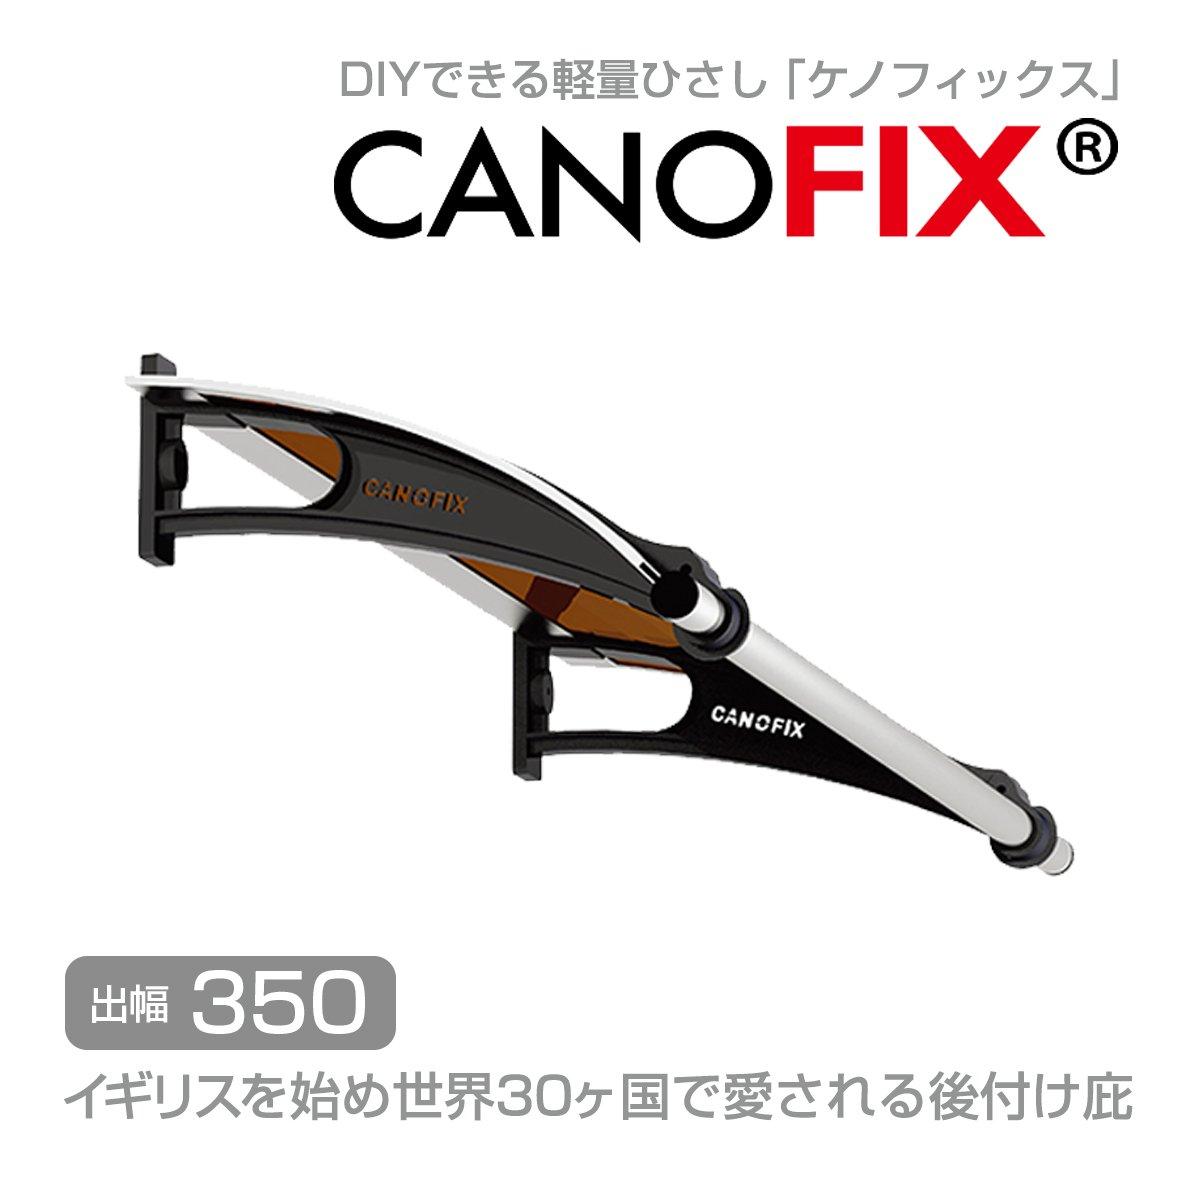 【日本総輸入元】DIY可能な後付けひさし ケノフィックス(CANOFIX) D350 W3500/シート:グリン/ブラケット:ブラック B078XS8R4H 3500mm|ブラケット:ブラックシート:グリン ブラケット:ブラックシート:グリン 3500mm